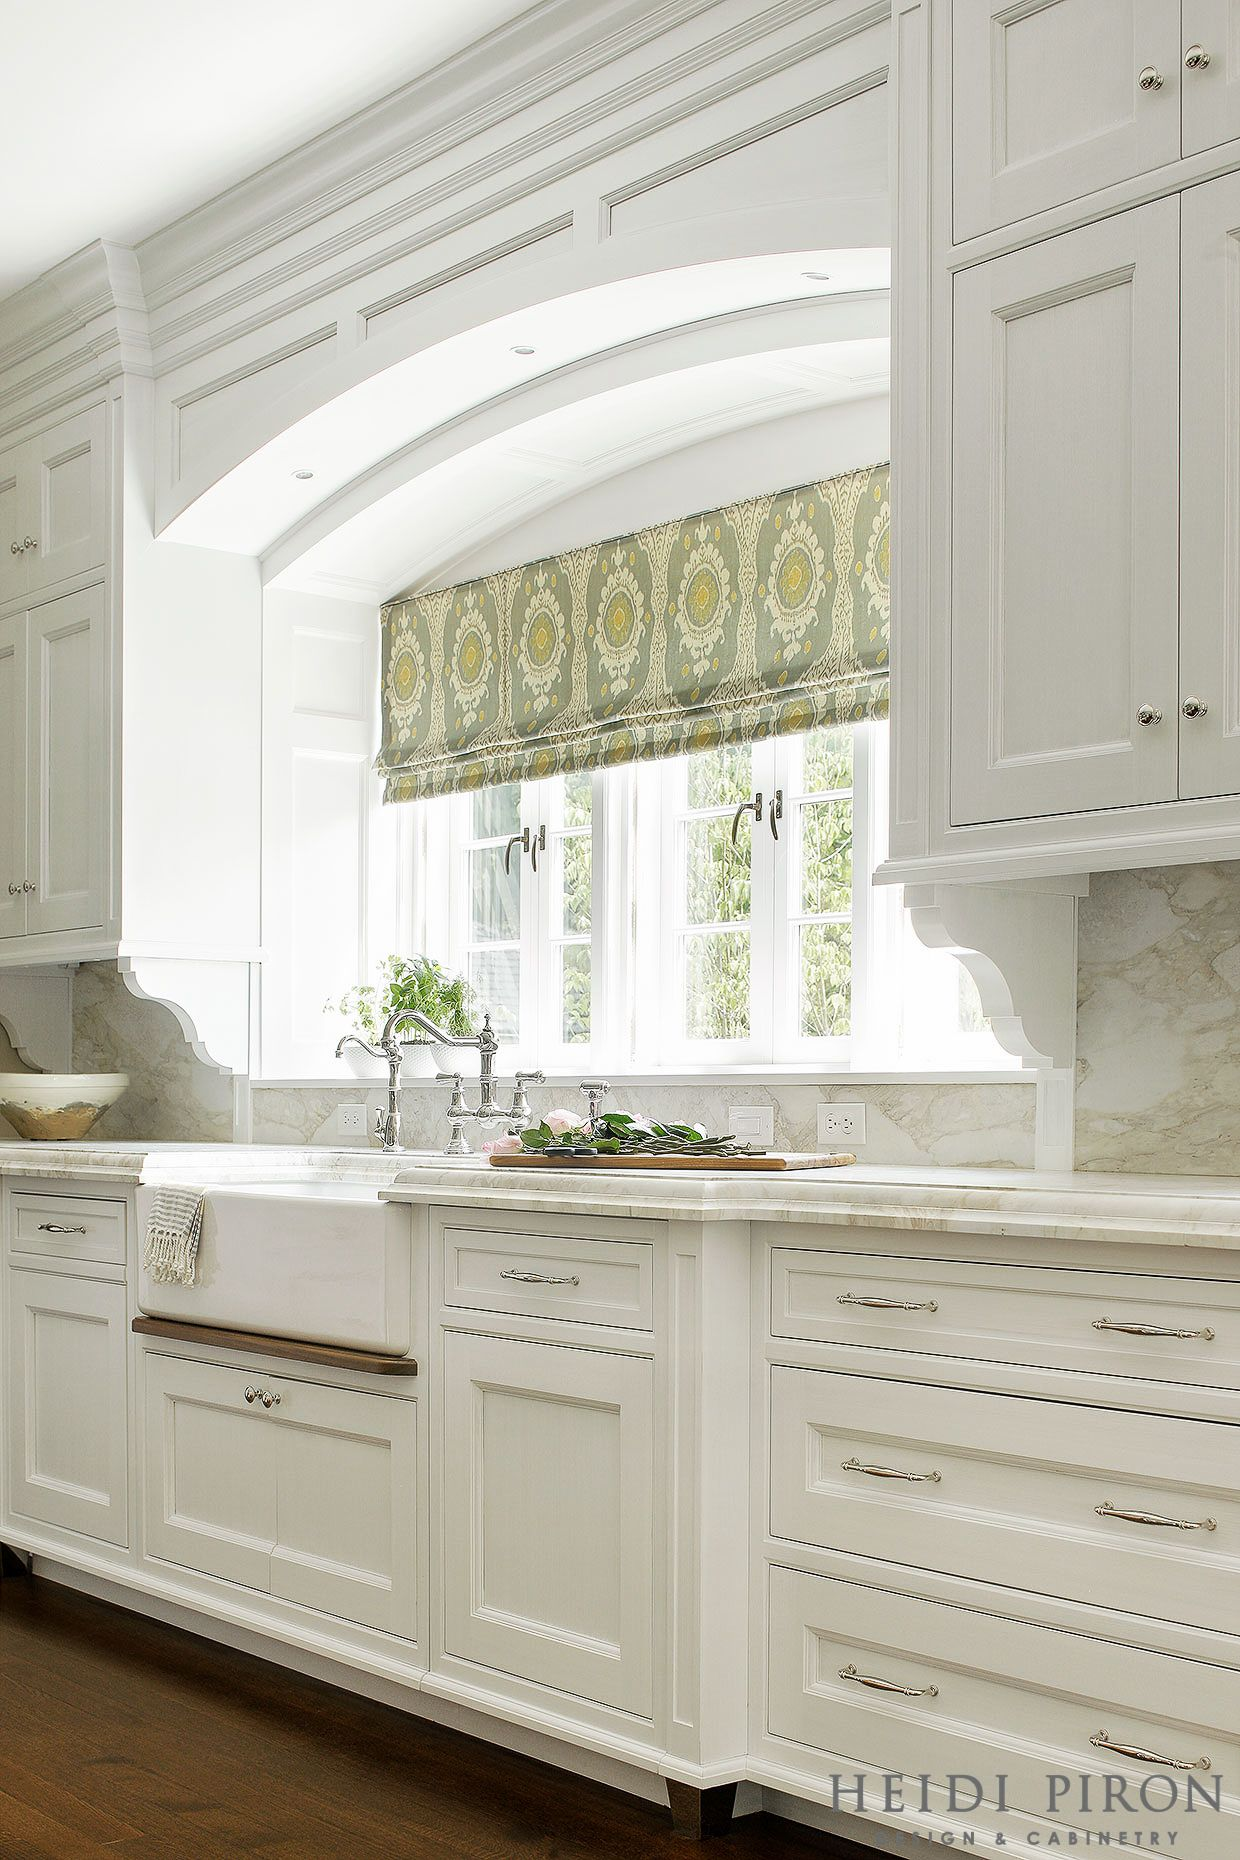 Window kitchen cabinets  awardwinning kitchen designer heidi piron creates handcrafted